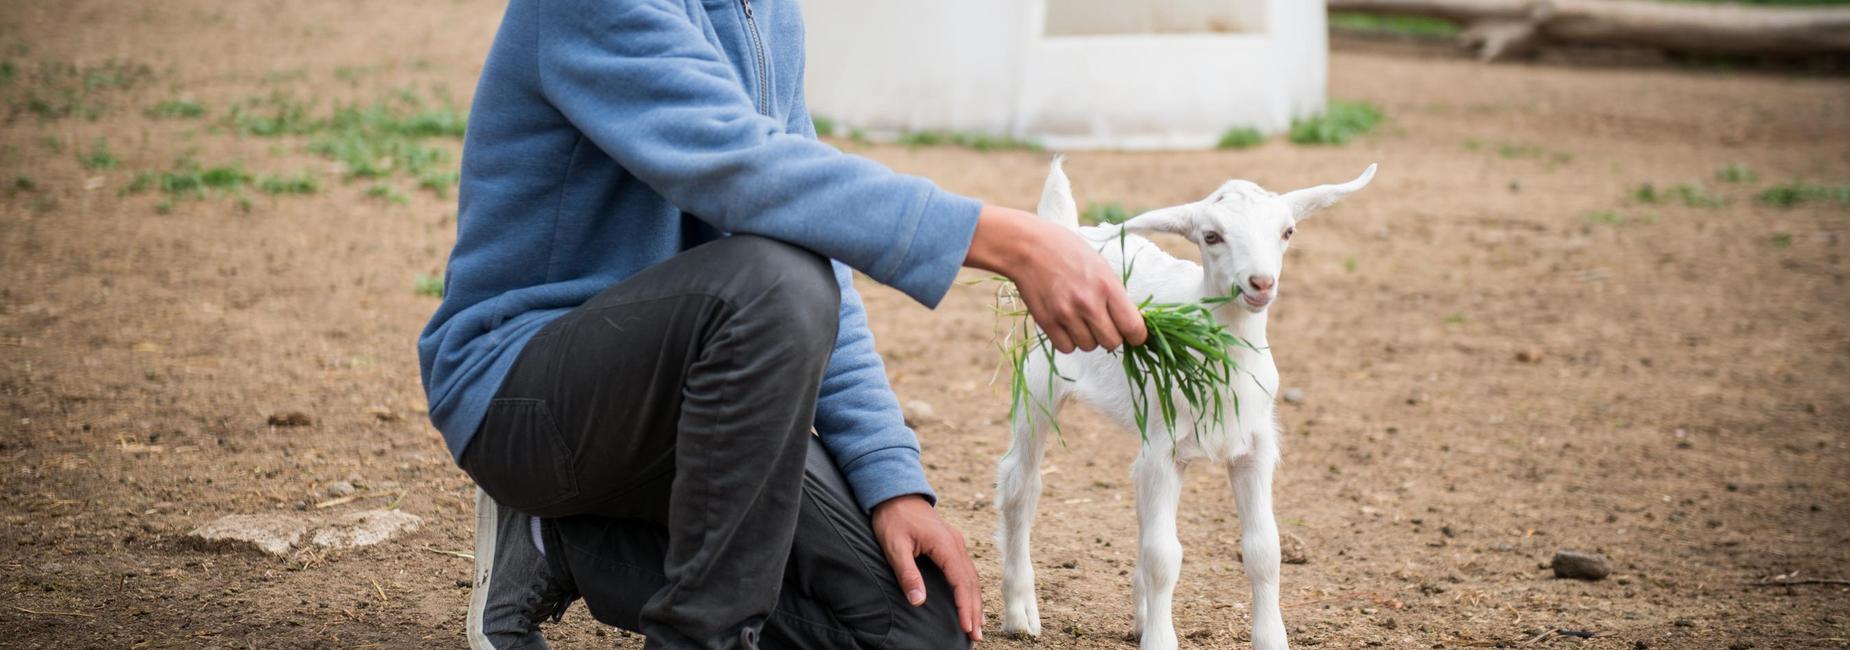 Farm School feeding baby goat